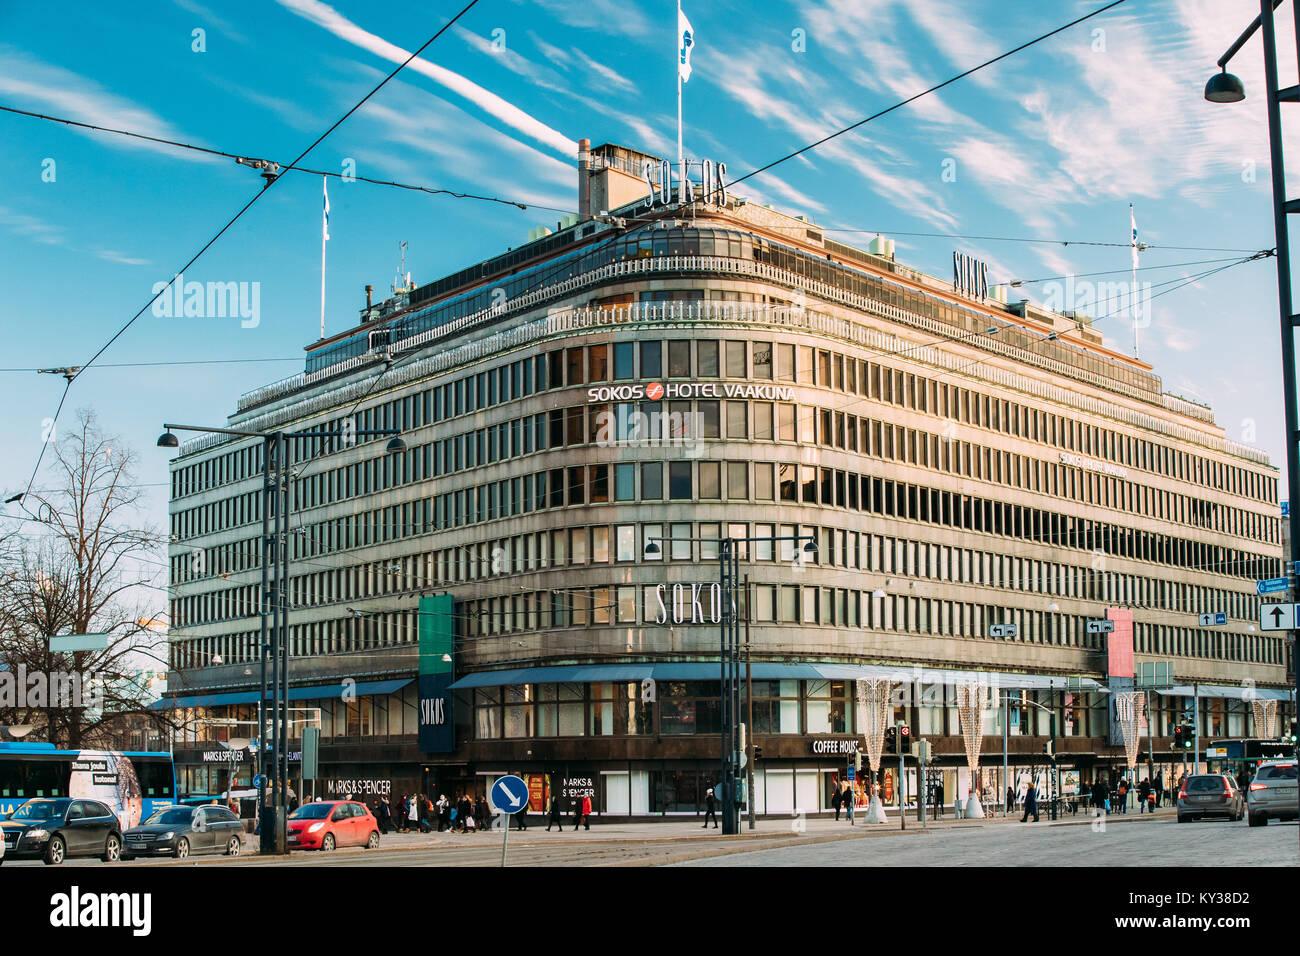 Helsinki, Finnland - 10. Dezember 2016: Ansicht des ursprünglichen Sokos Hotel im Winter sonniger Tag Stockbild